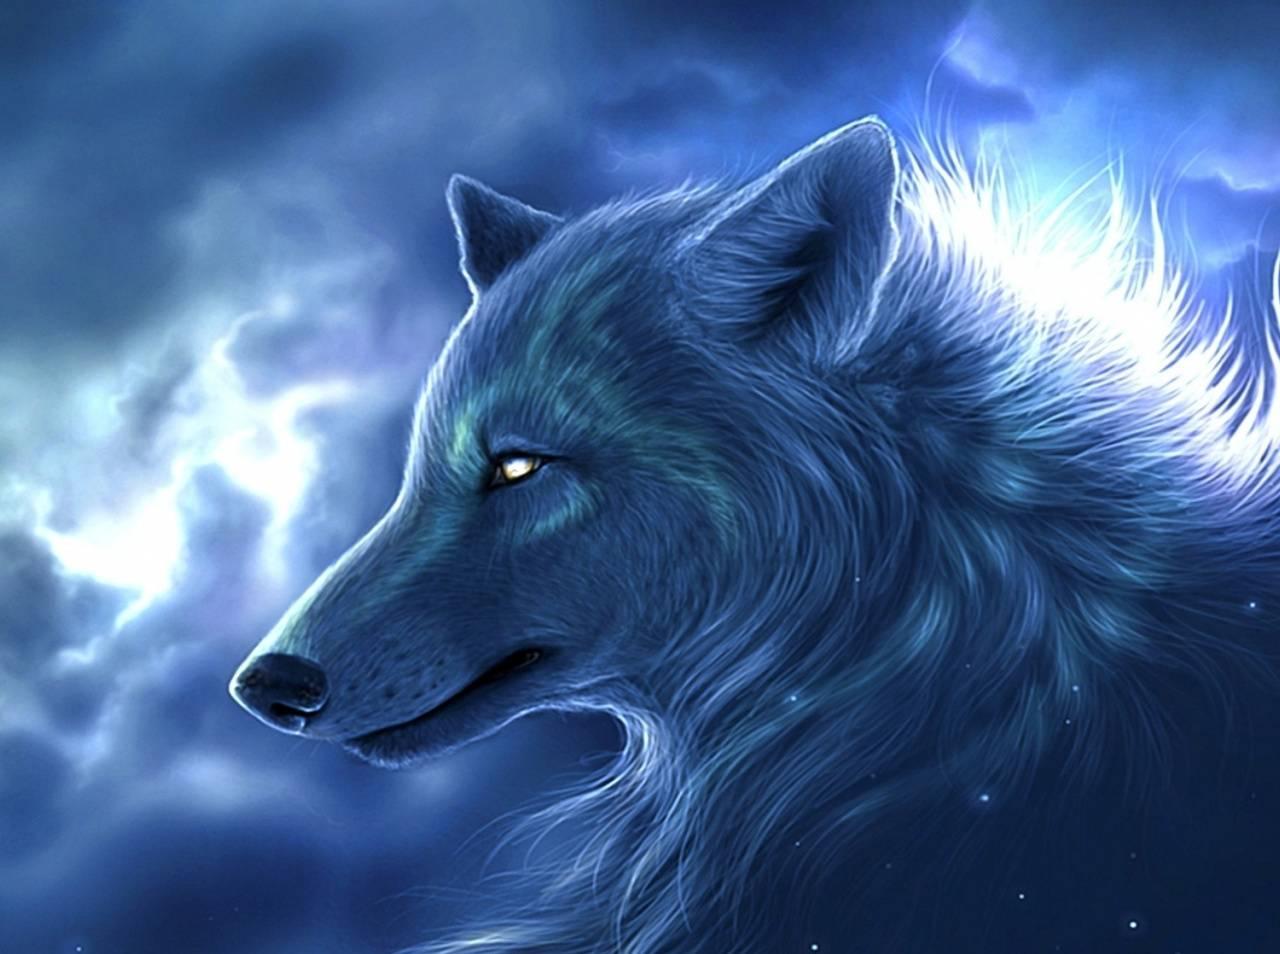 Картинки волка на аву, вечная память